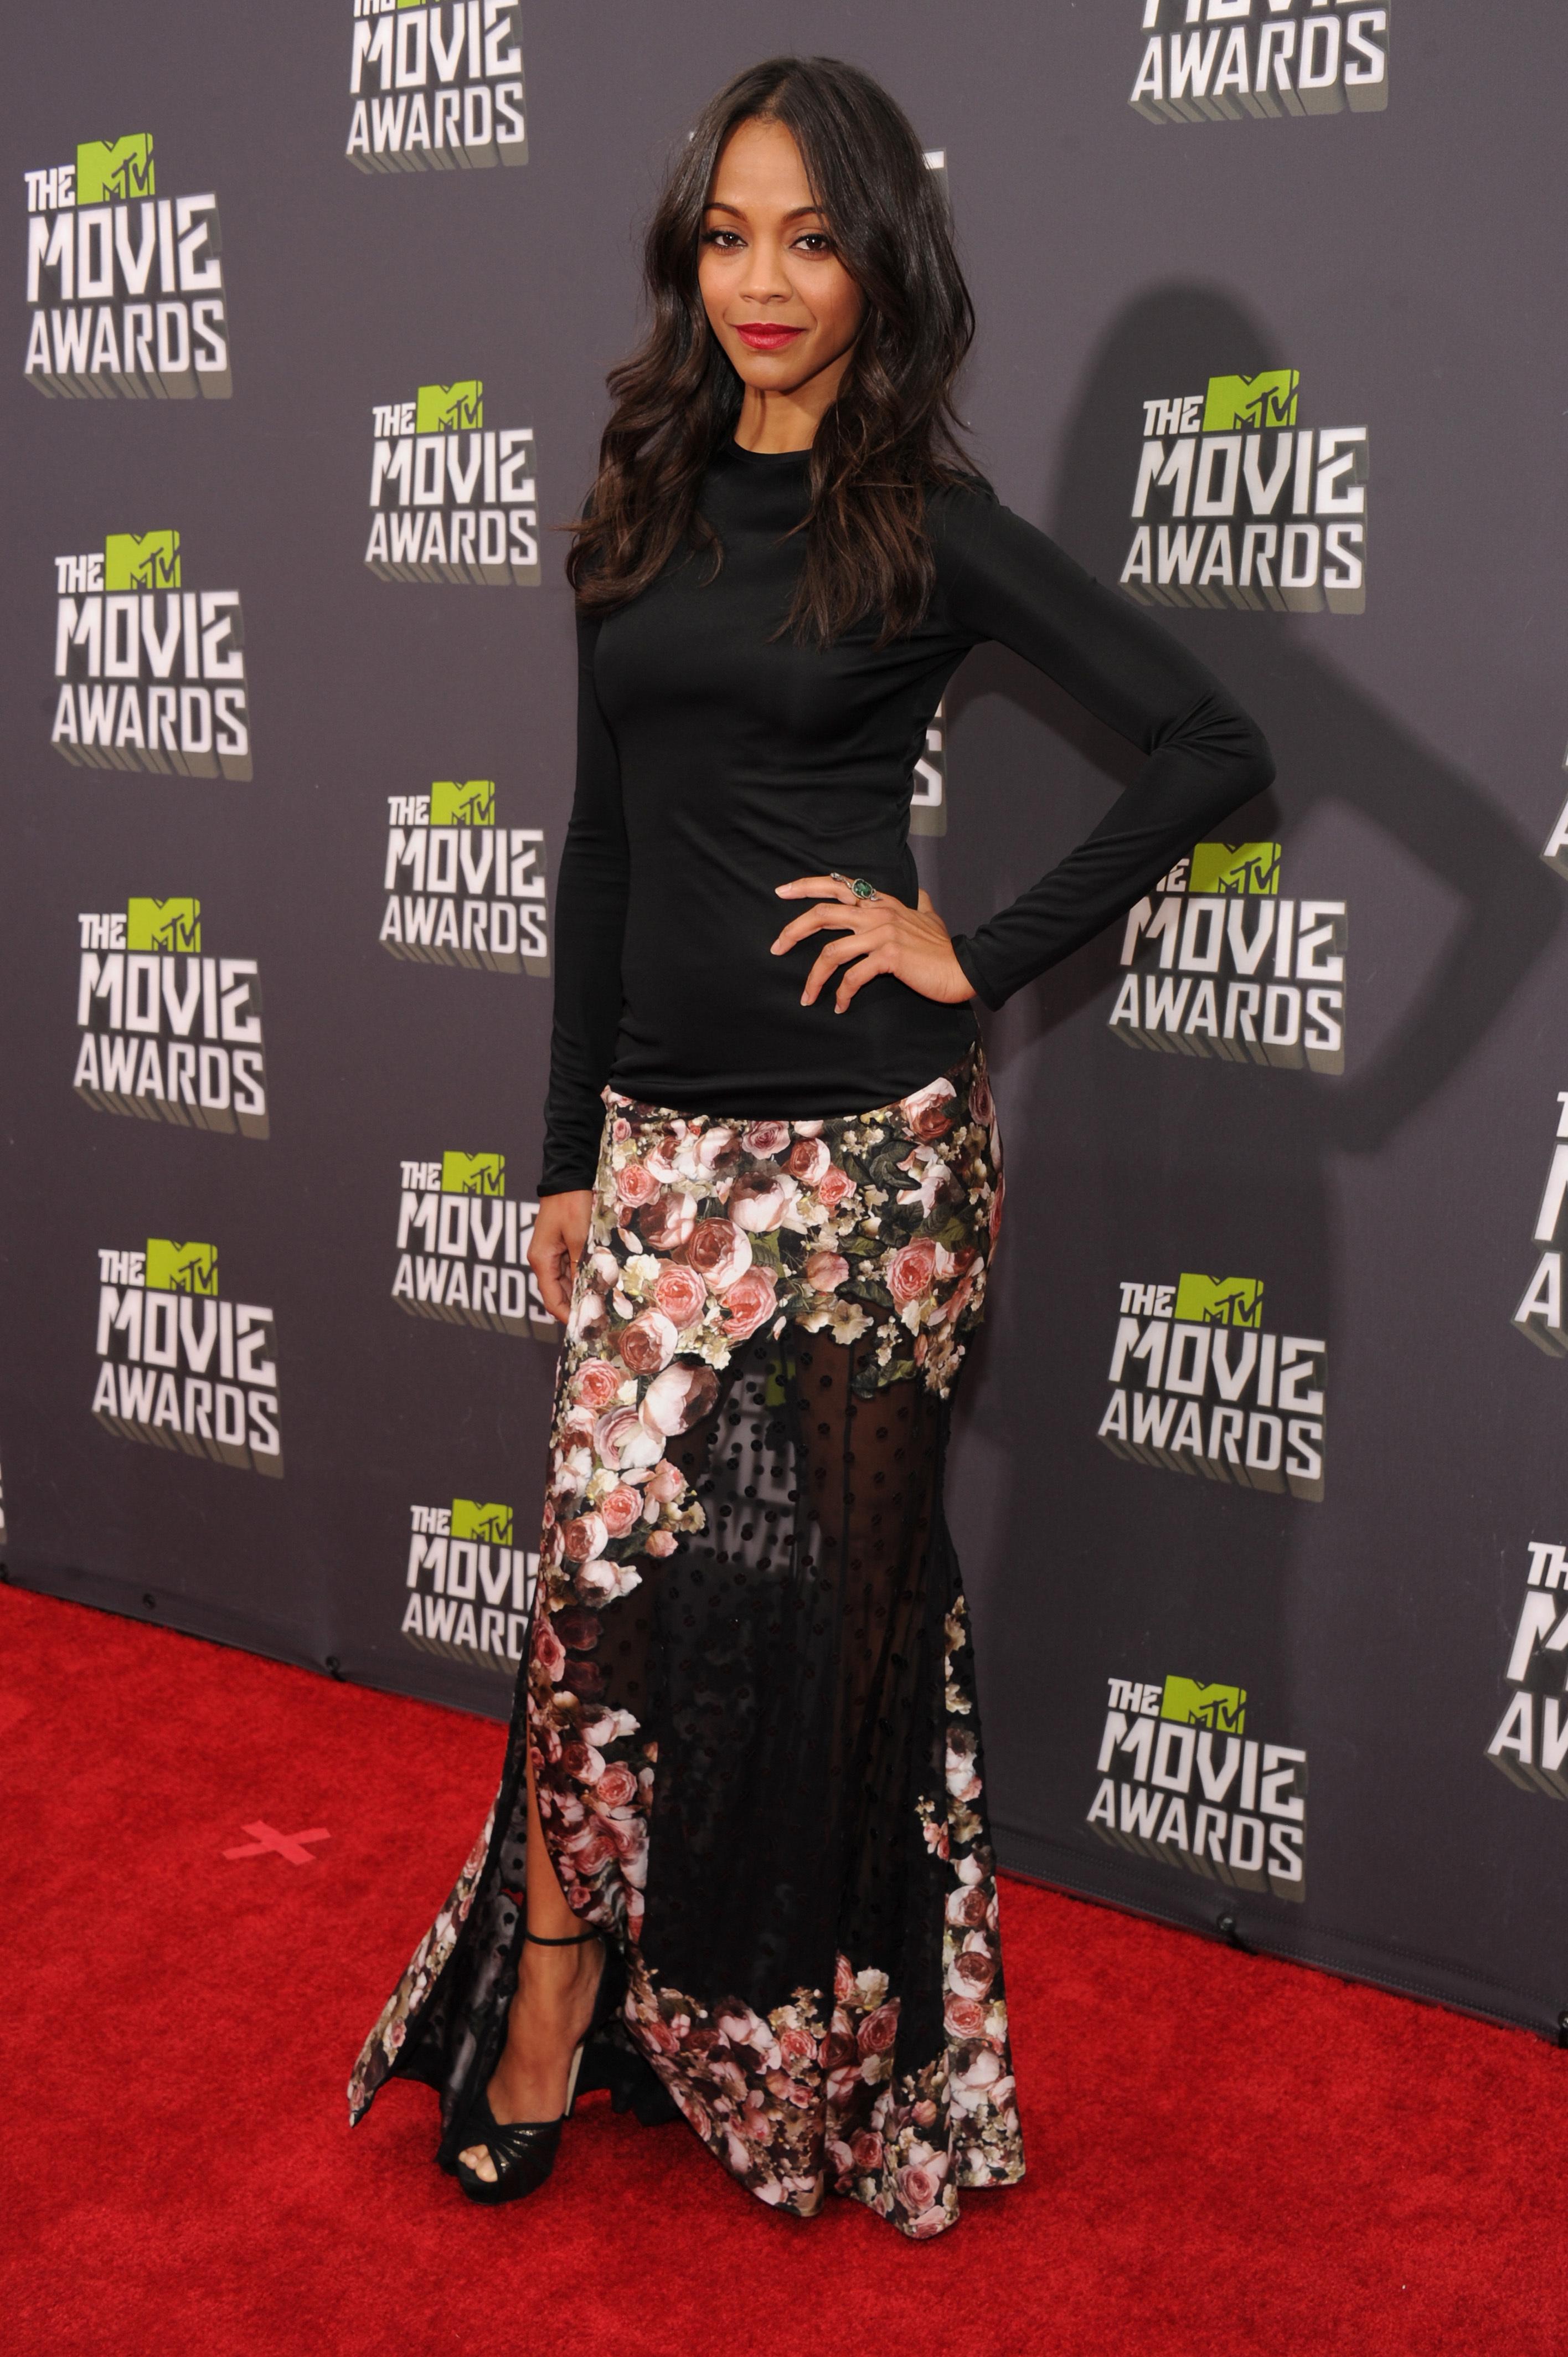 Zoe Saldana Givenchy 2013 mtv movie awards